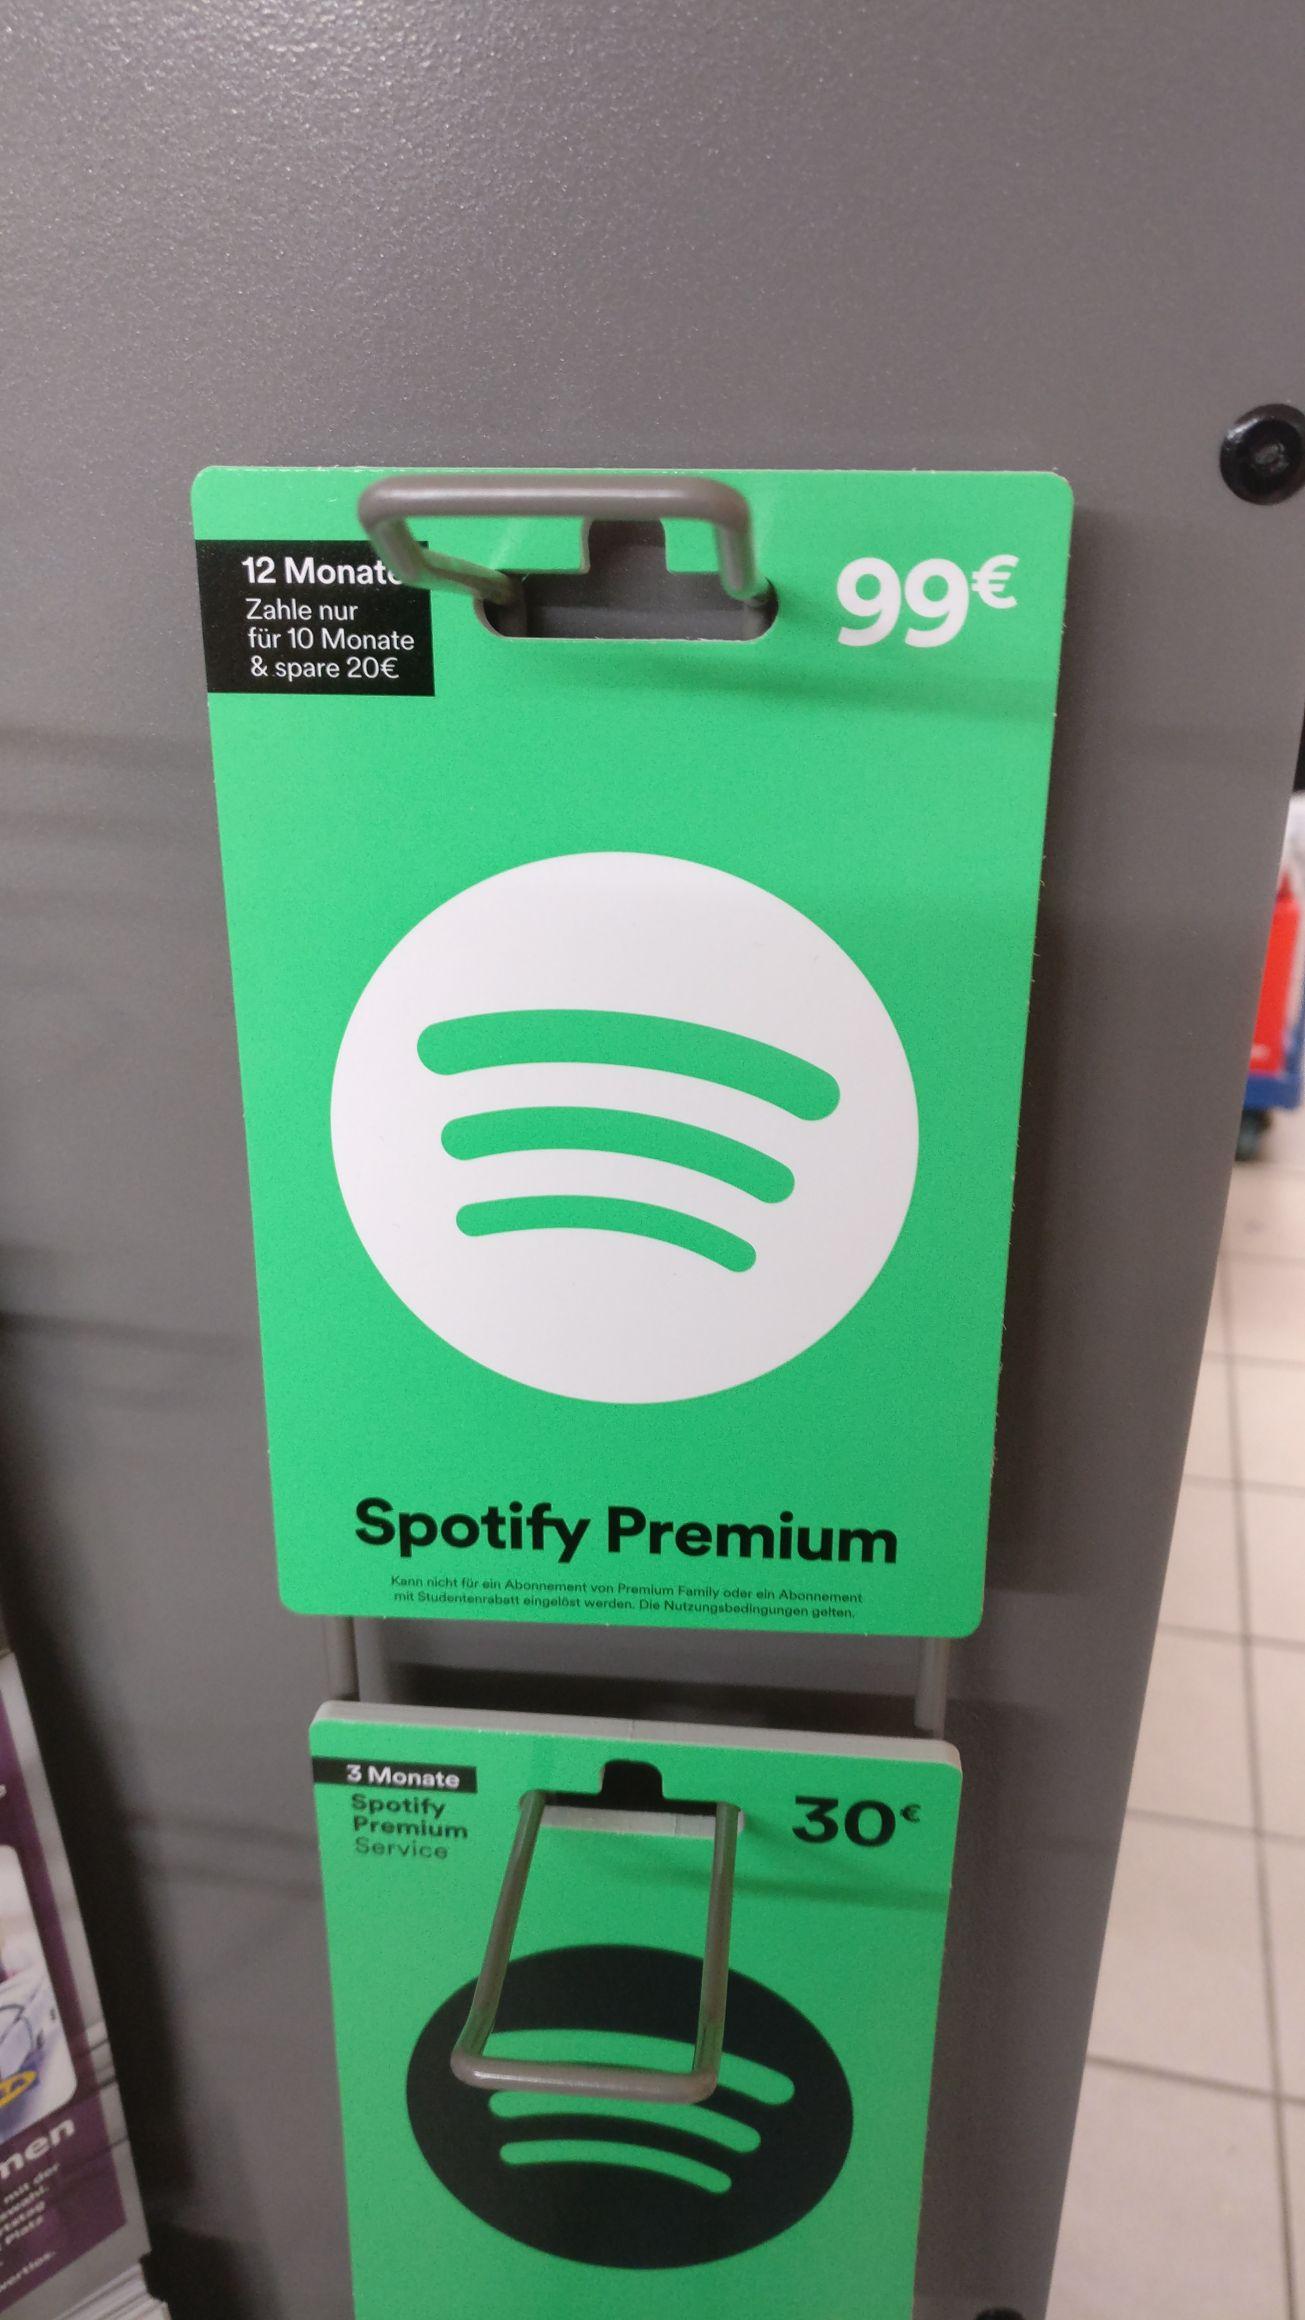 [Lokal?] Edeka Spotify Premium 12 Monate Guthabenkarte für 99€